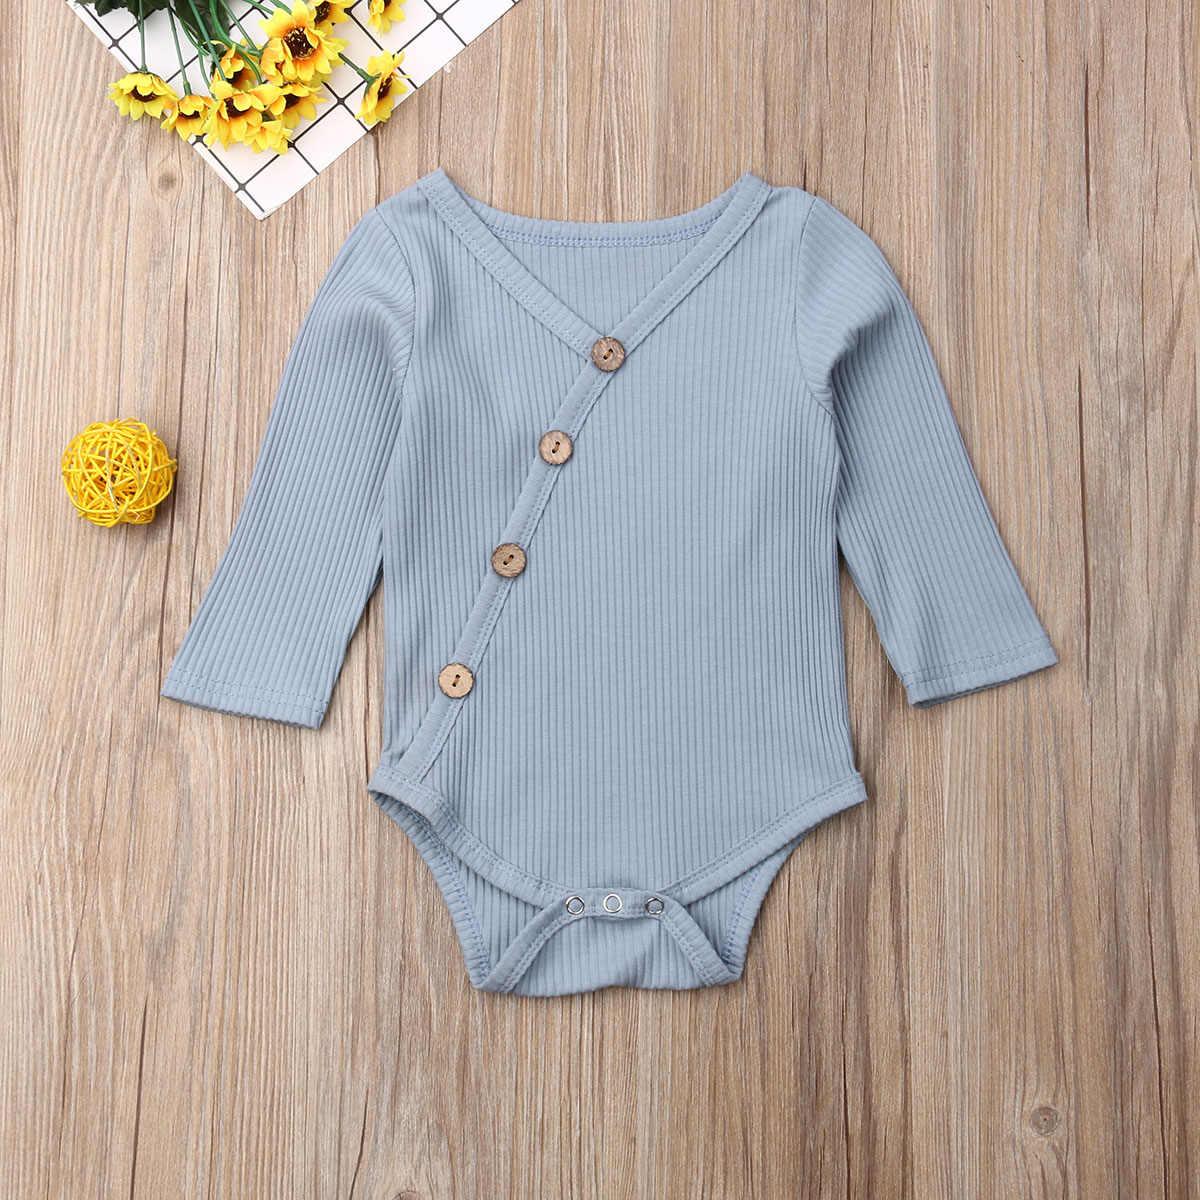 Bayi Baru Lahir Bayi Rompers Musim Semi Musim Gugur Anak-anak Anak Gadis Bergaris Jumpsuit Lengan Panjang Rajut Solid V Leher Atasan Pakaian Pakaian 0-24M